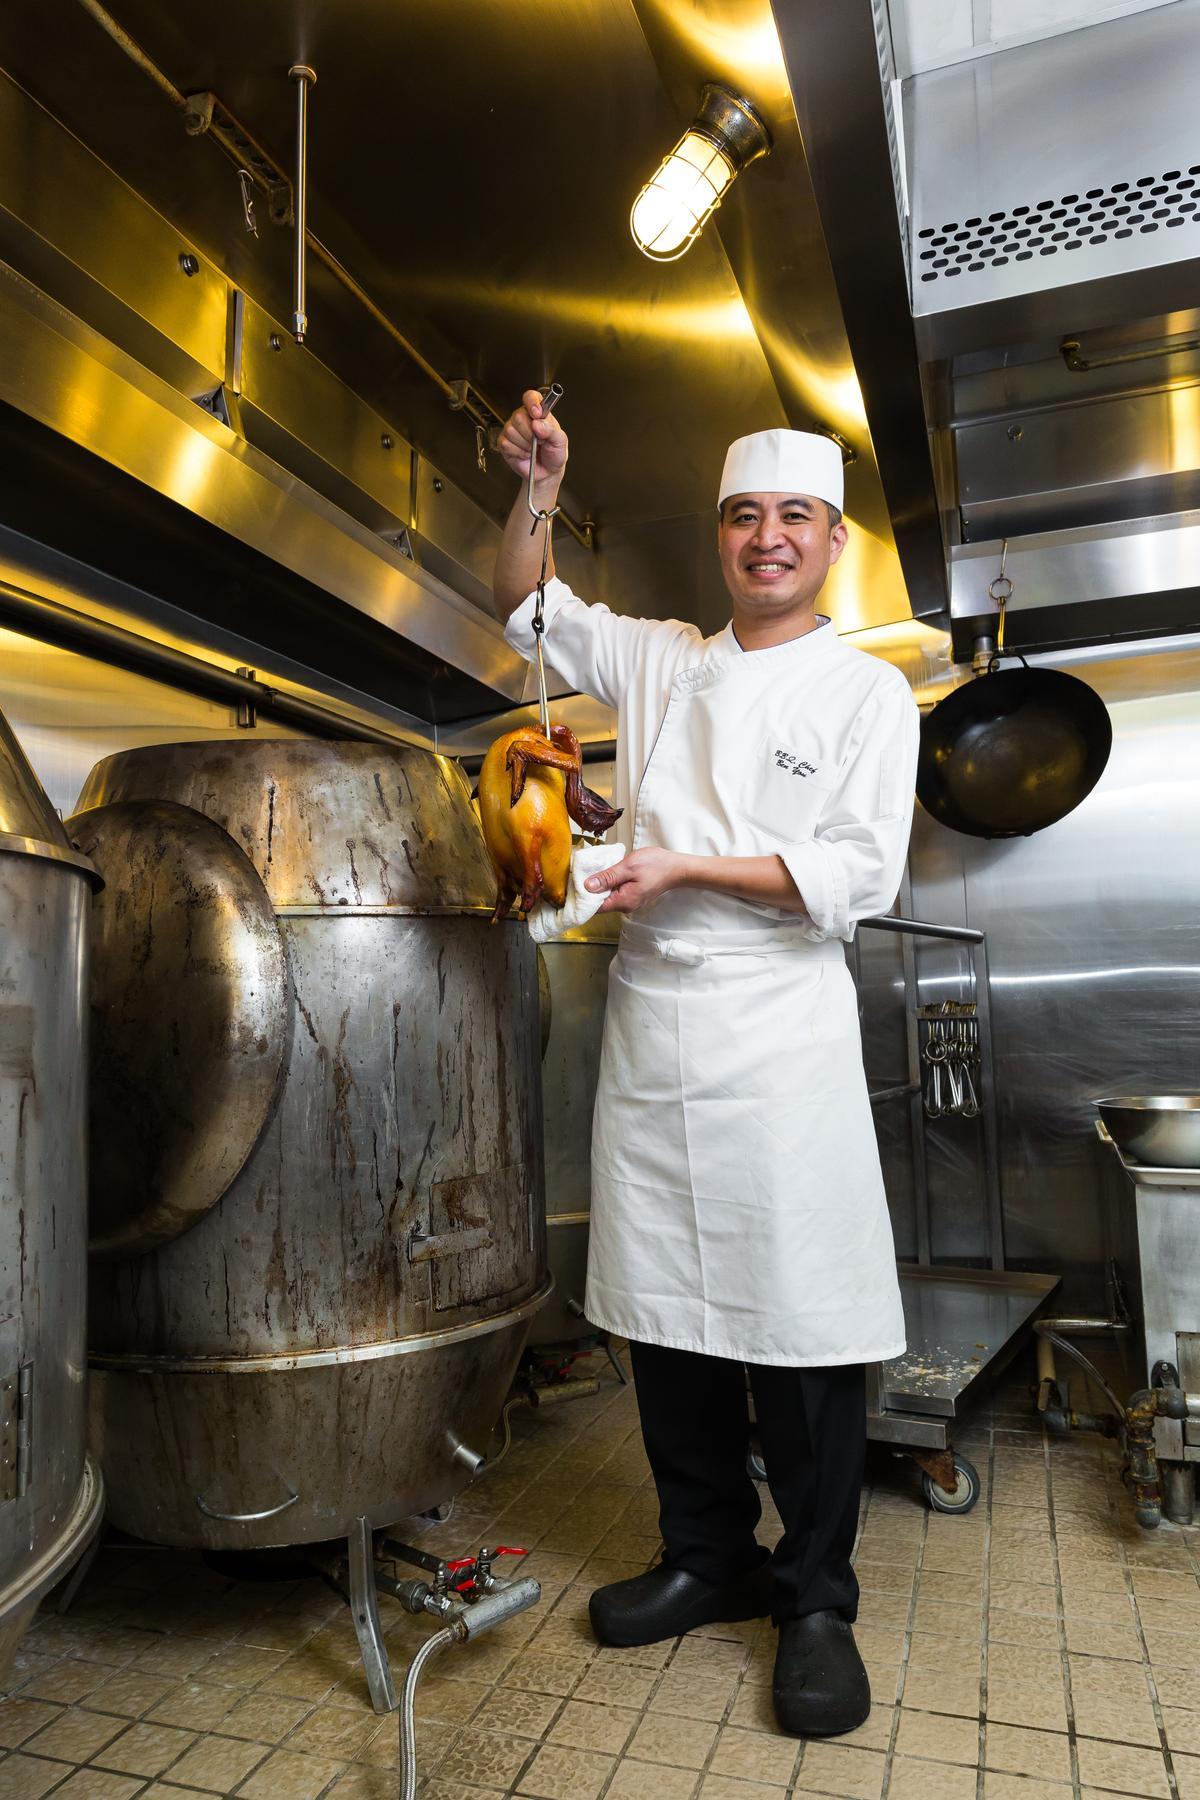 「晶英軒」燒臘房主廚尤憲皇鑽研燒臘20多年,技藝純熟。